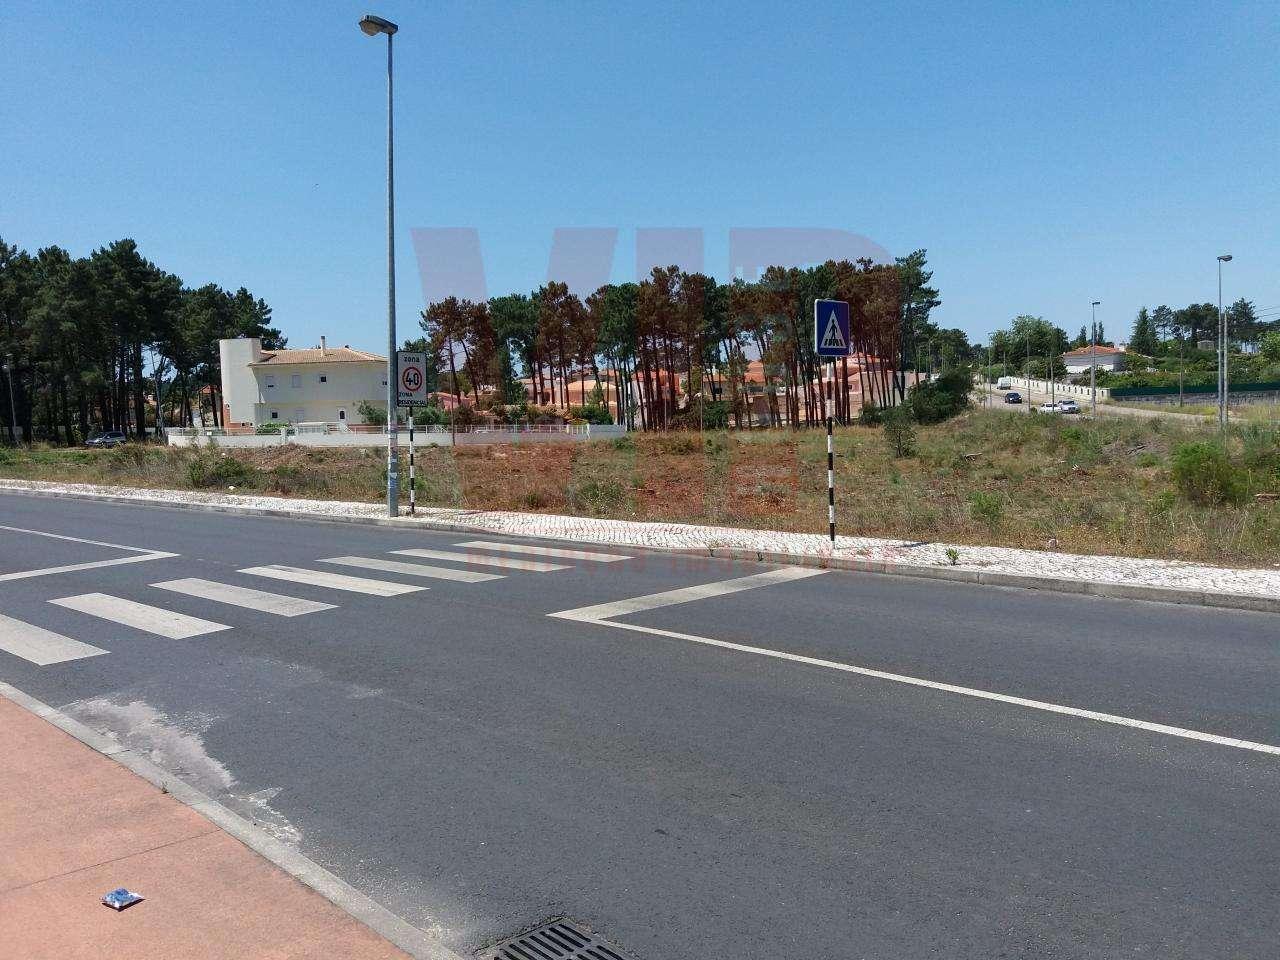 Terreno para comprar, Corroios, Seixal, Setúbal - Foto 13